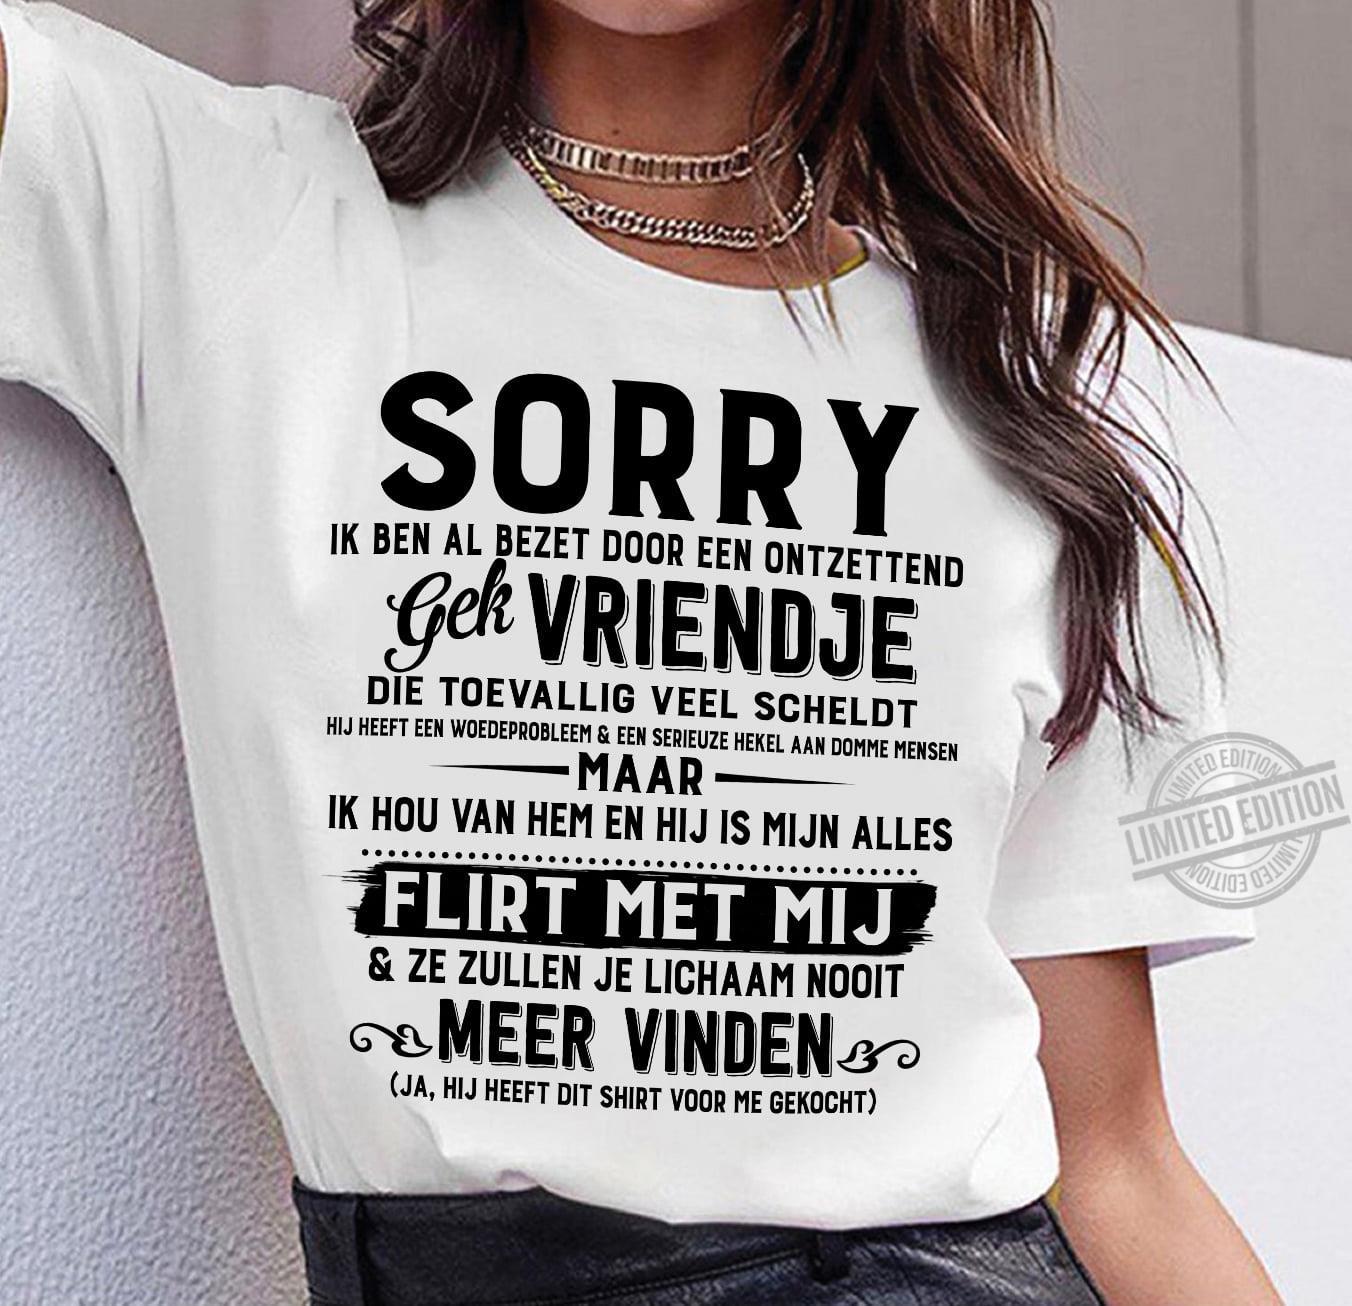 Sorry Ik Ben Al Bezet Door Een Ontzettend Gek Vriendje Flirt Met Mij Meer Vinden Shirt